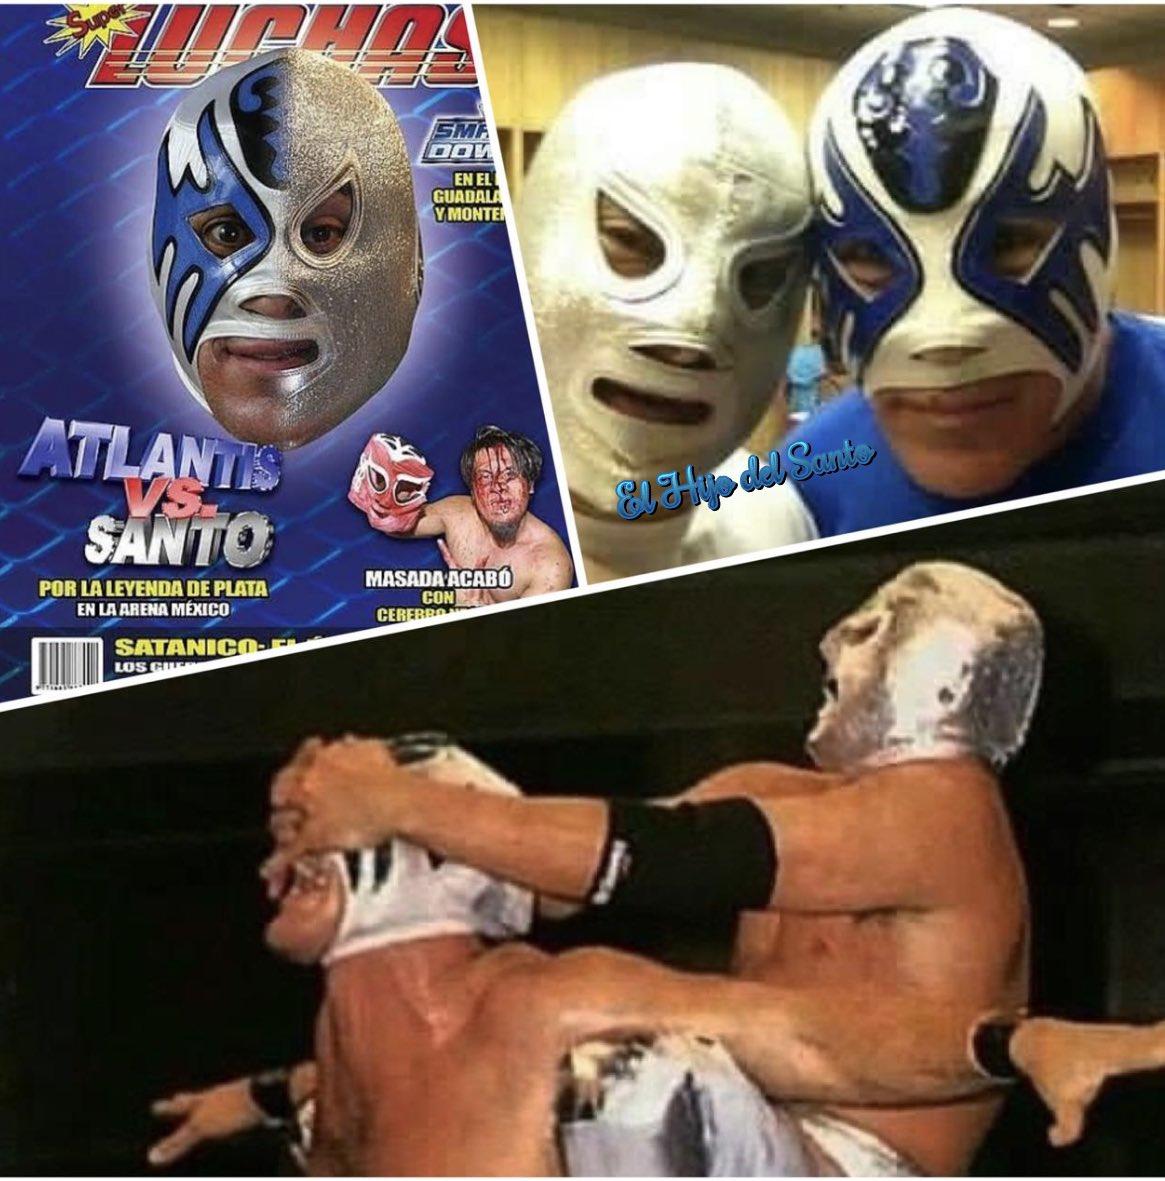 Hijo del Santo acepta pelea por la máscara de Atlantis 10/07/2020